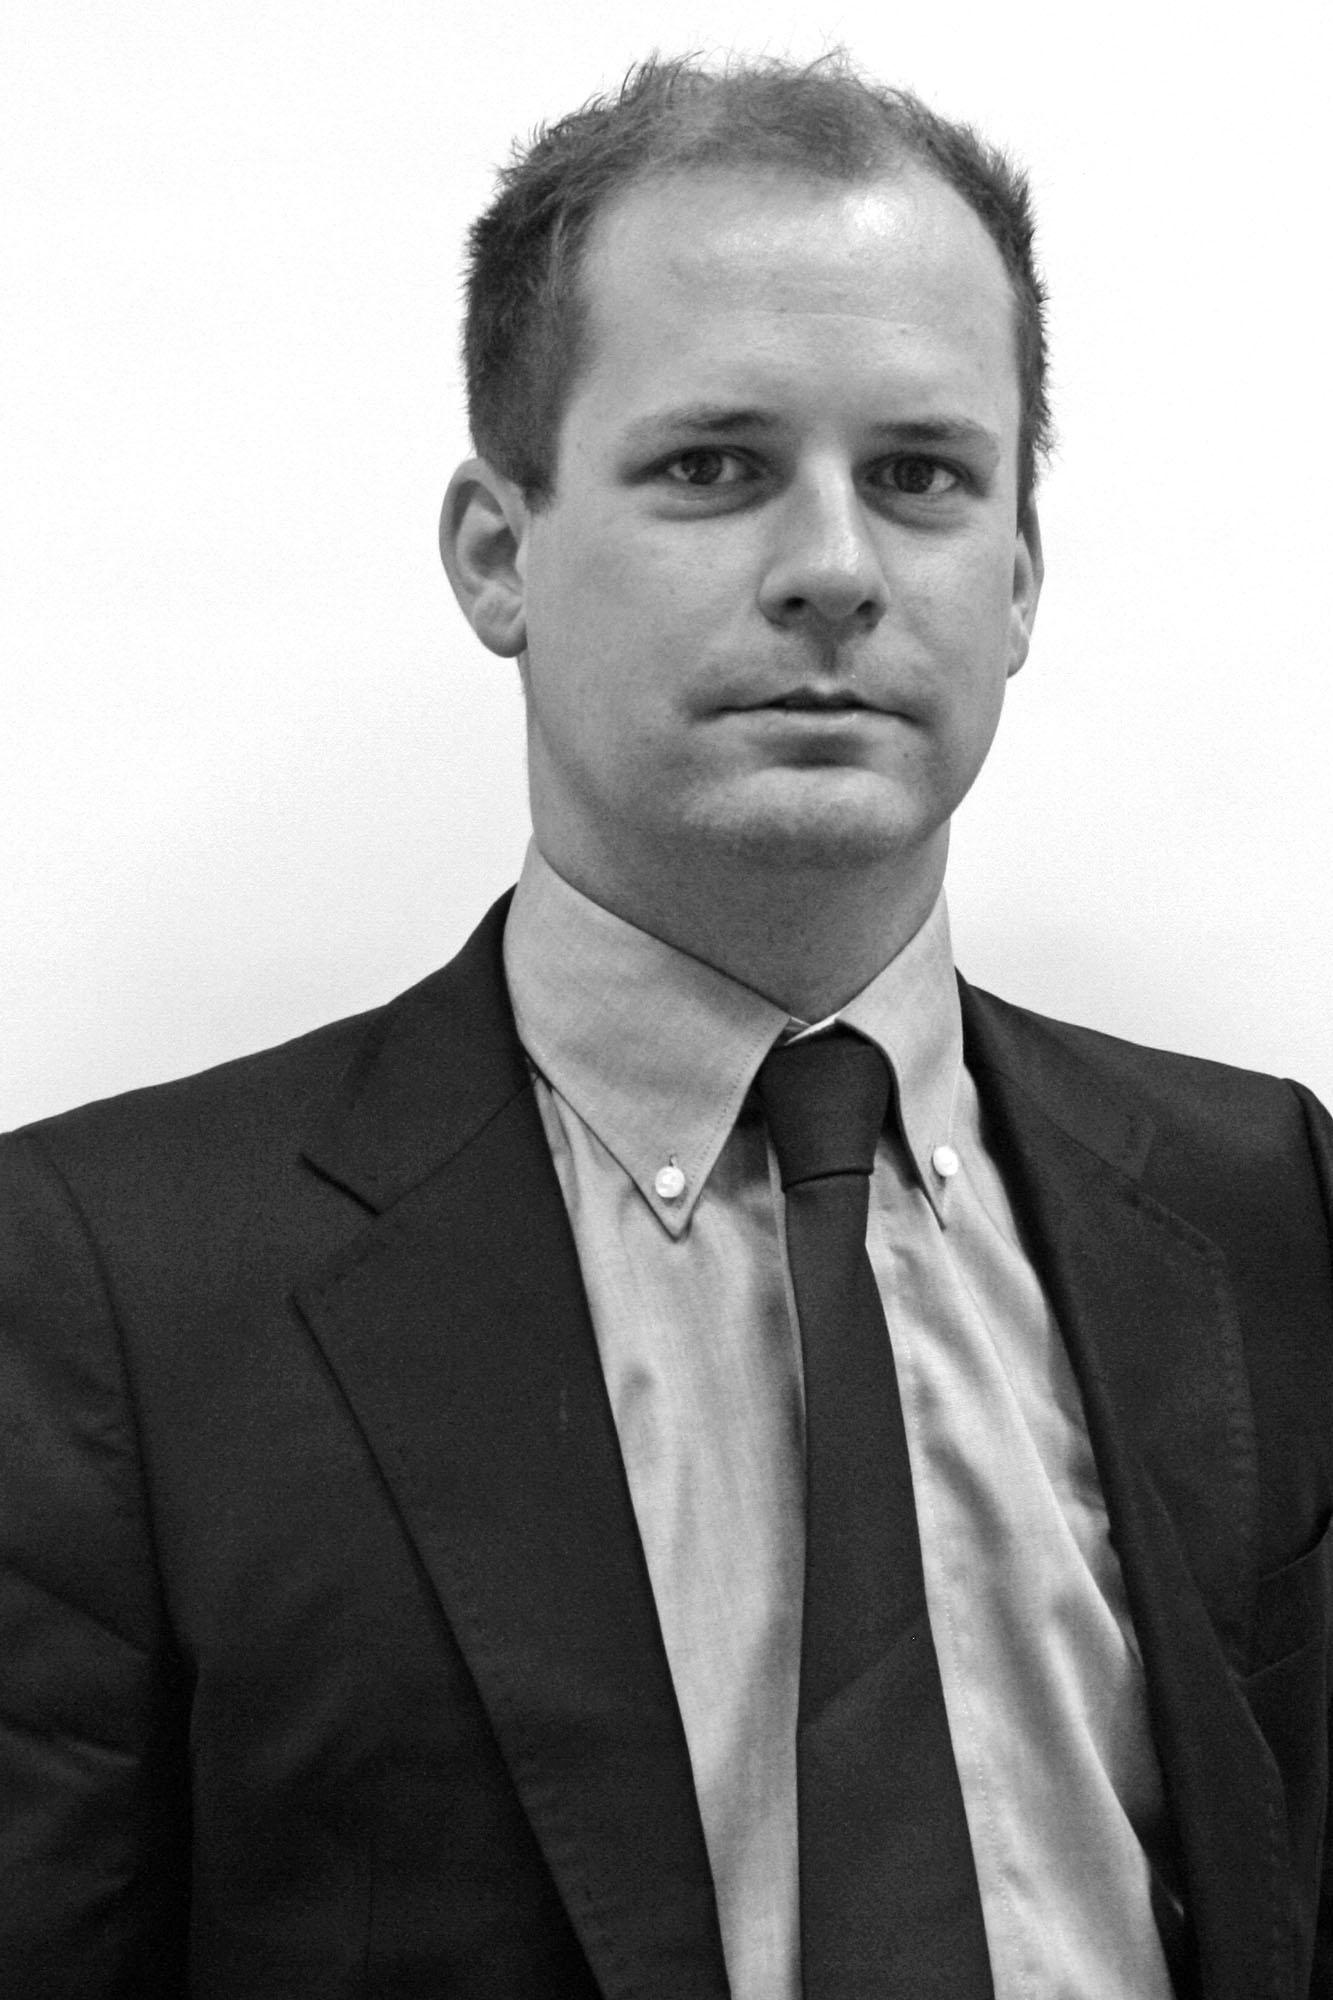 Matthias Schwarzmüller